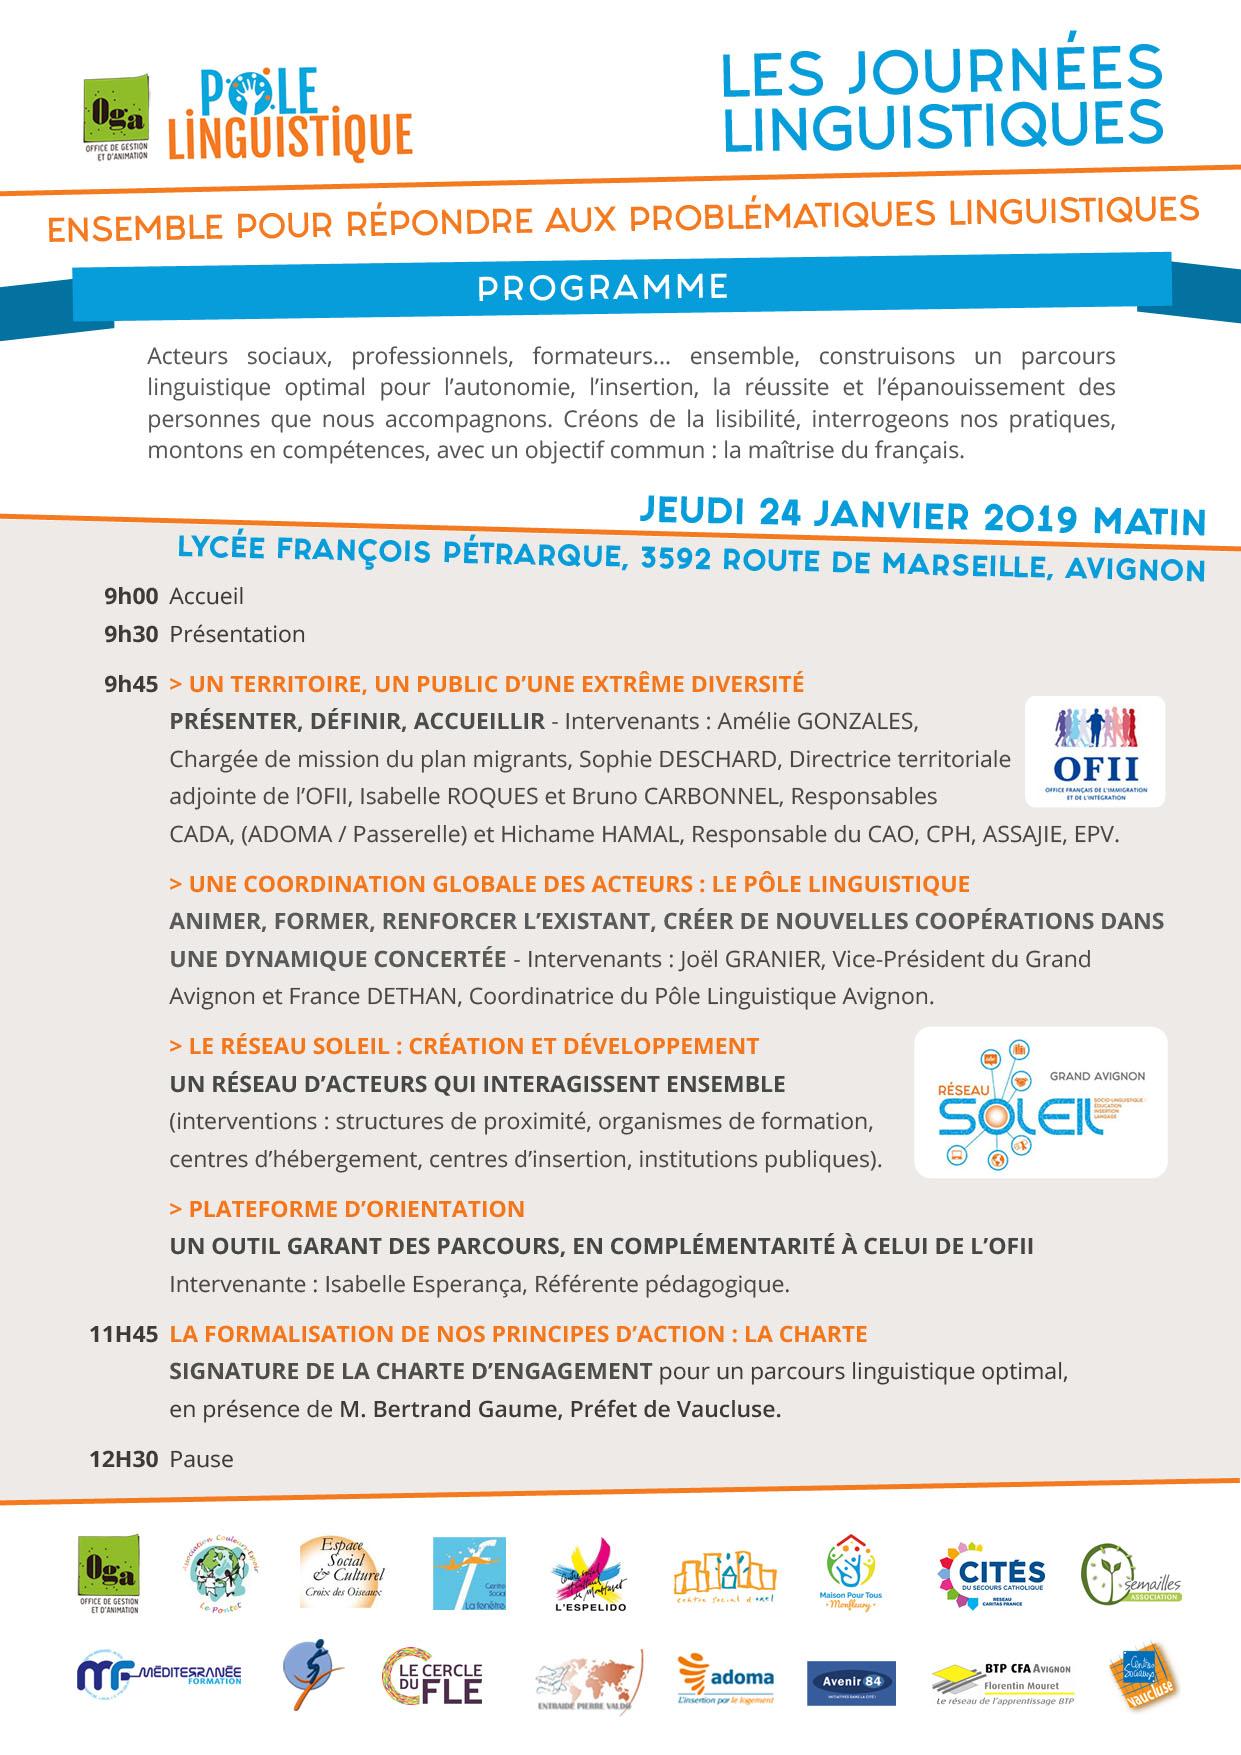 Programme Journées linguistiques 2019